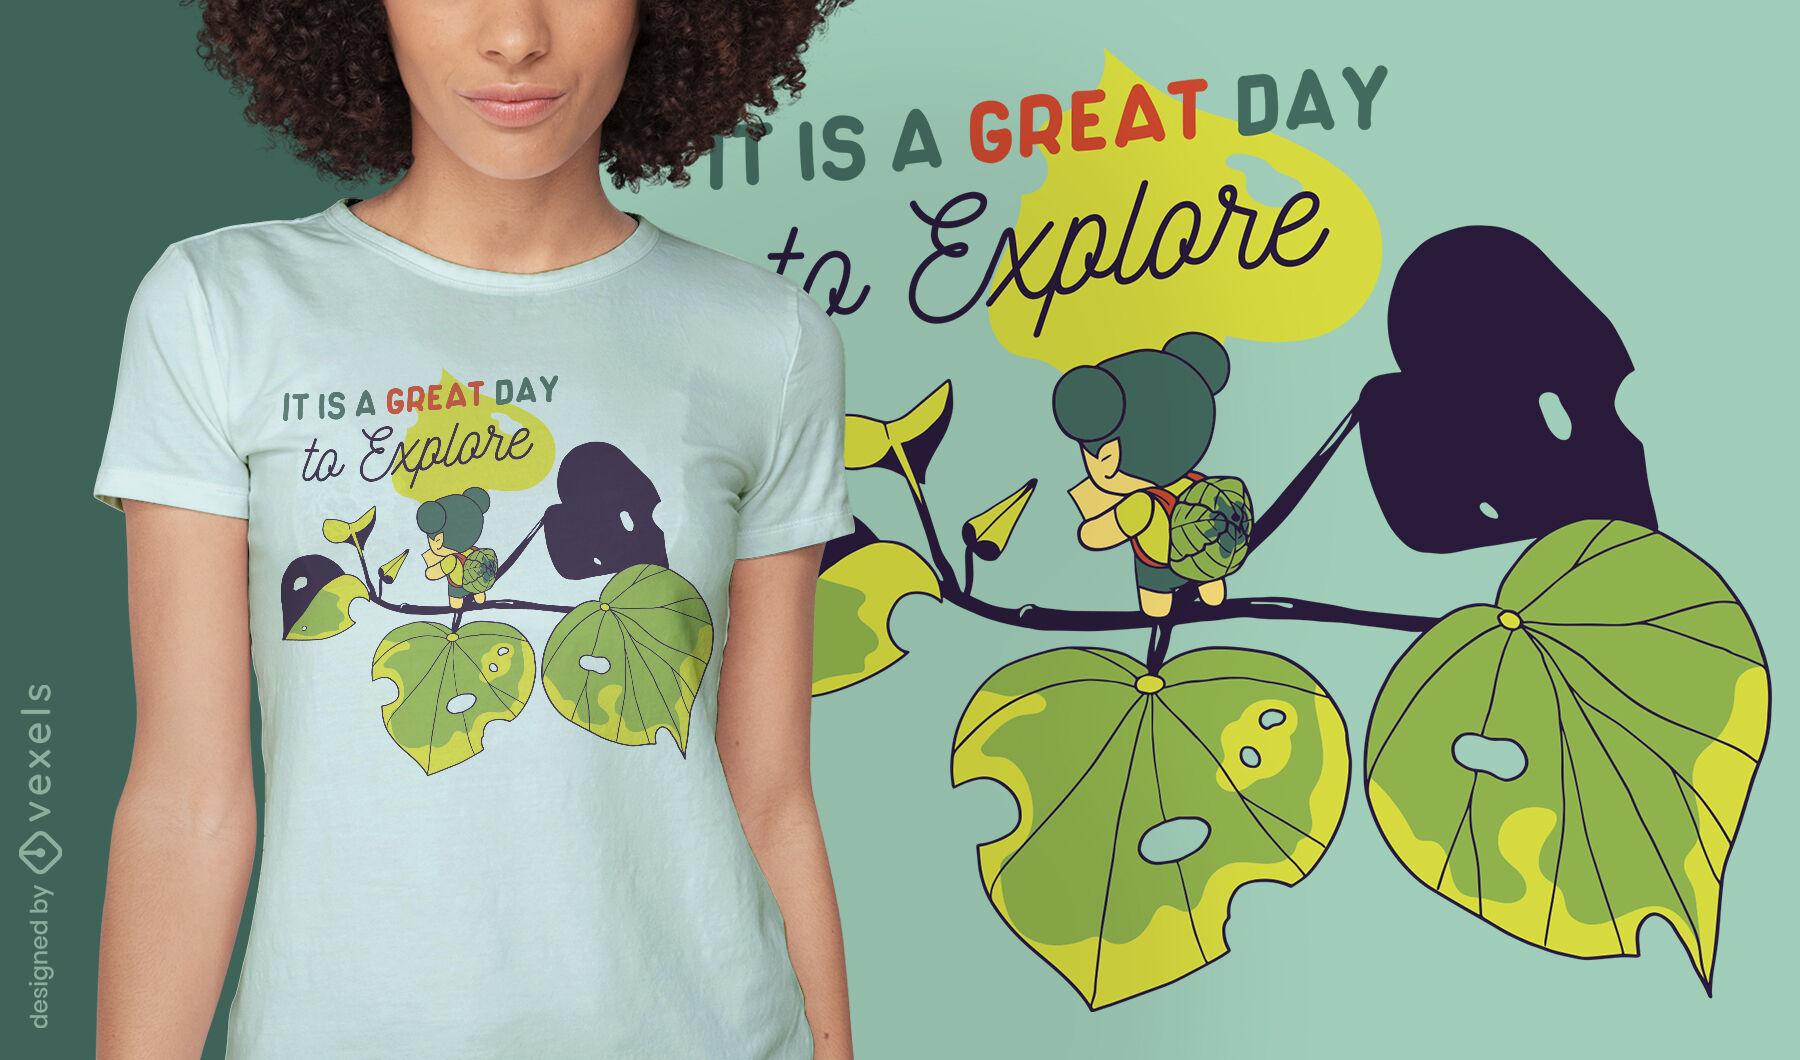 Toller Tag, um das T-Shirt-Design zu erkunden